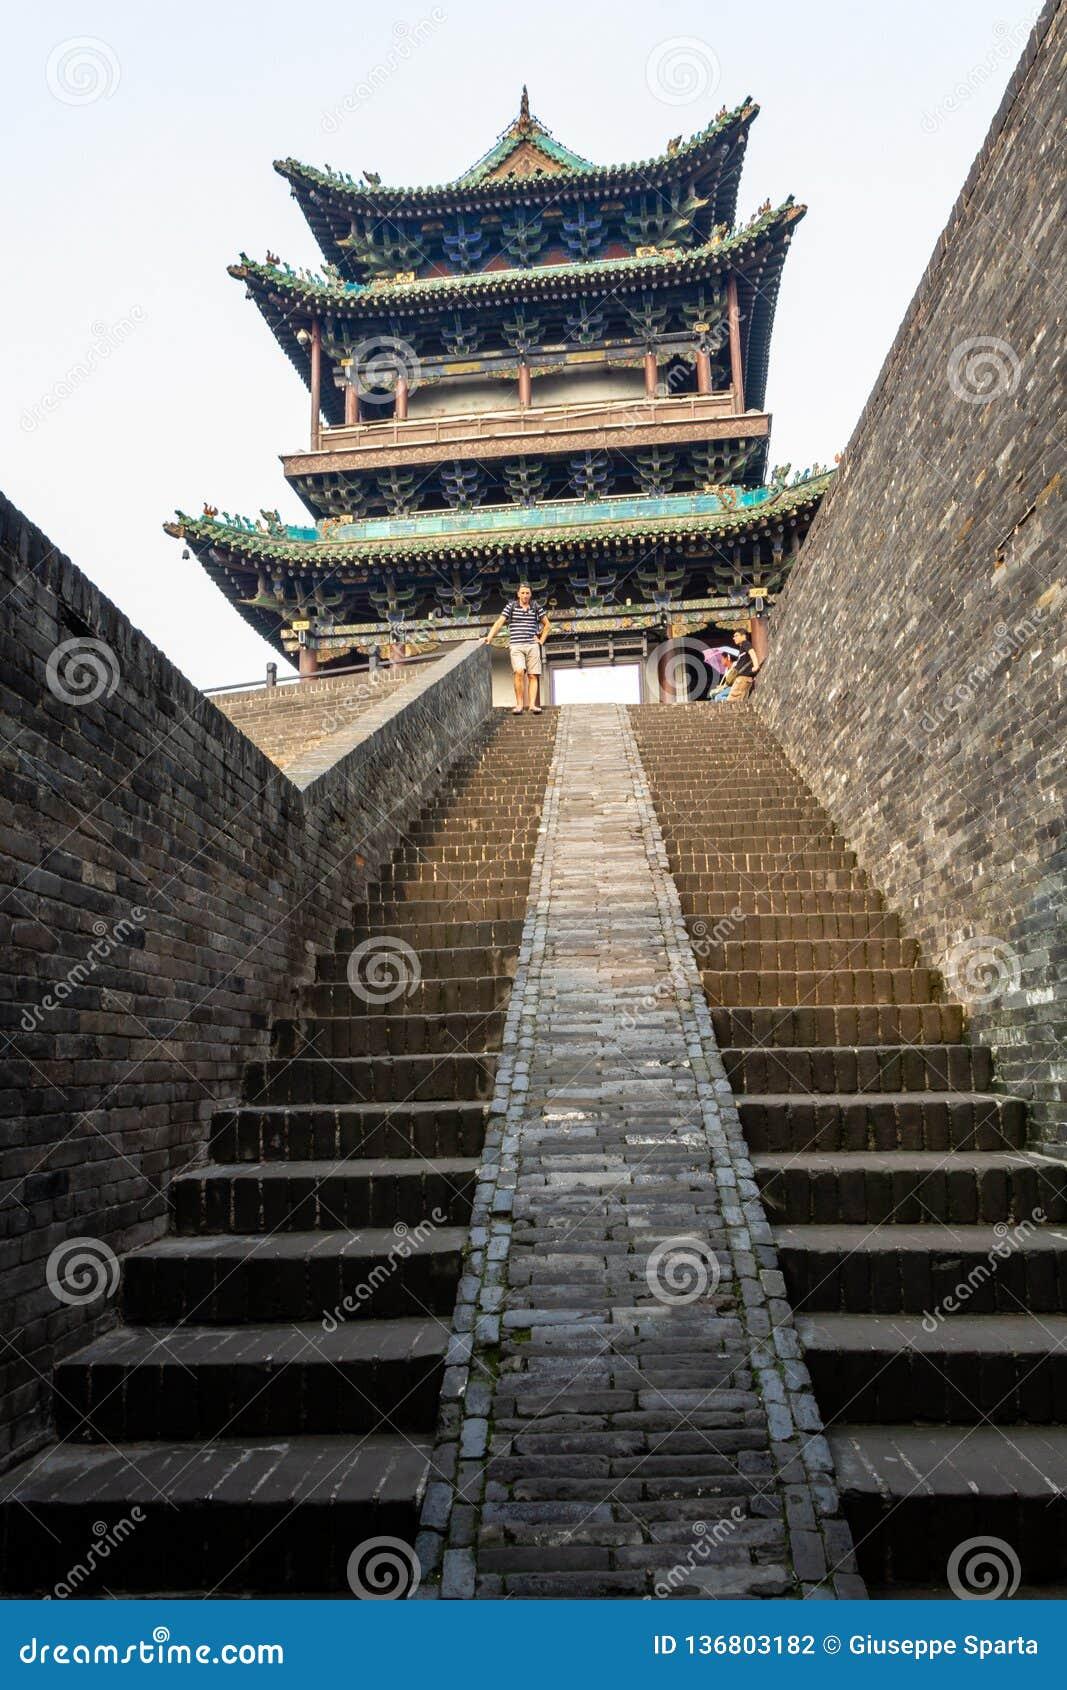 Augustus 2013 - Pingyao, China - Toeristen op de ingangstrap van de oude muren die de Oude stad van Pingyao beschermen